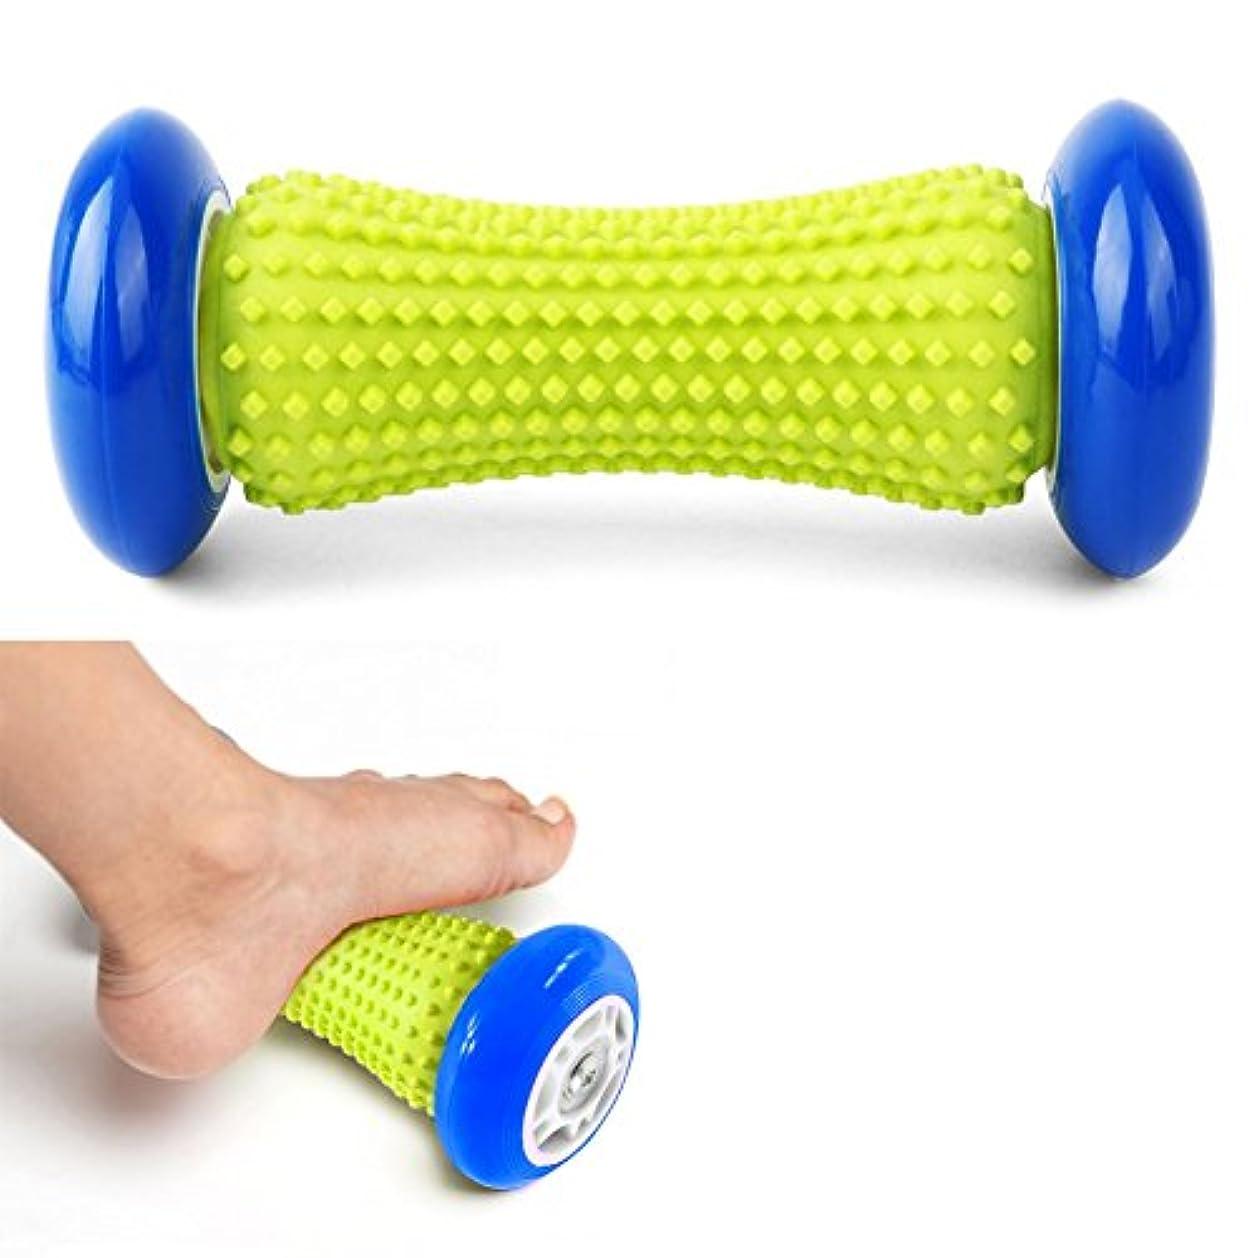 推進、動かす中傷あなたはDOXUNGO 足と手のマッサージローラー - マッスルローラースティック - 手首と前腕足底筋膜炎、腕の痛み - かかと&足アーチ痛の救済のための運動ローラー (ブラック)